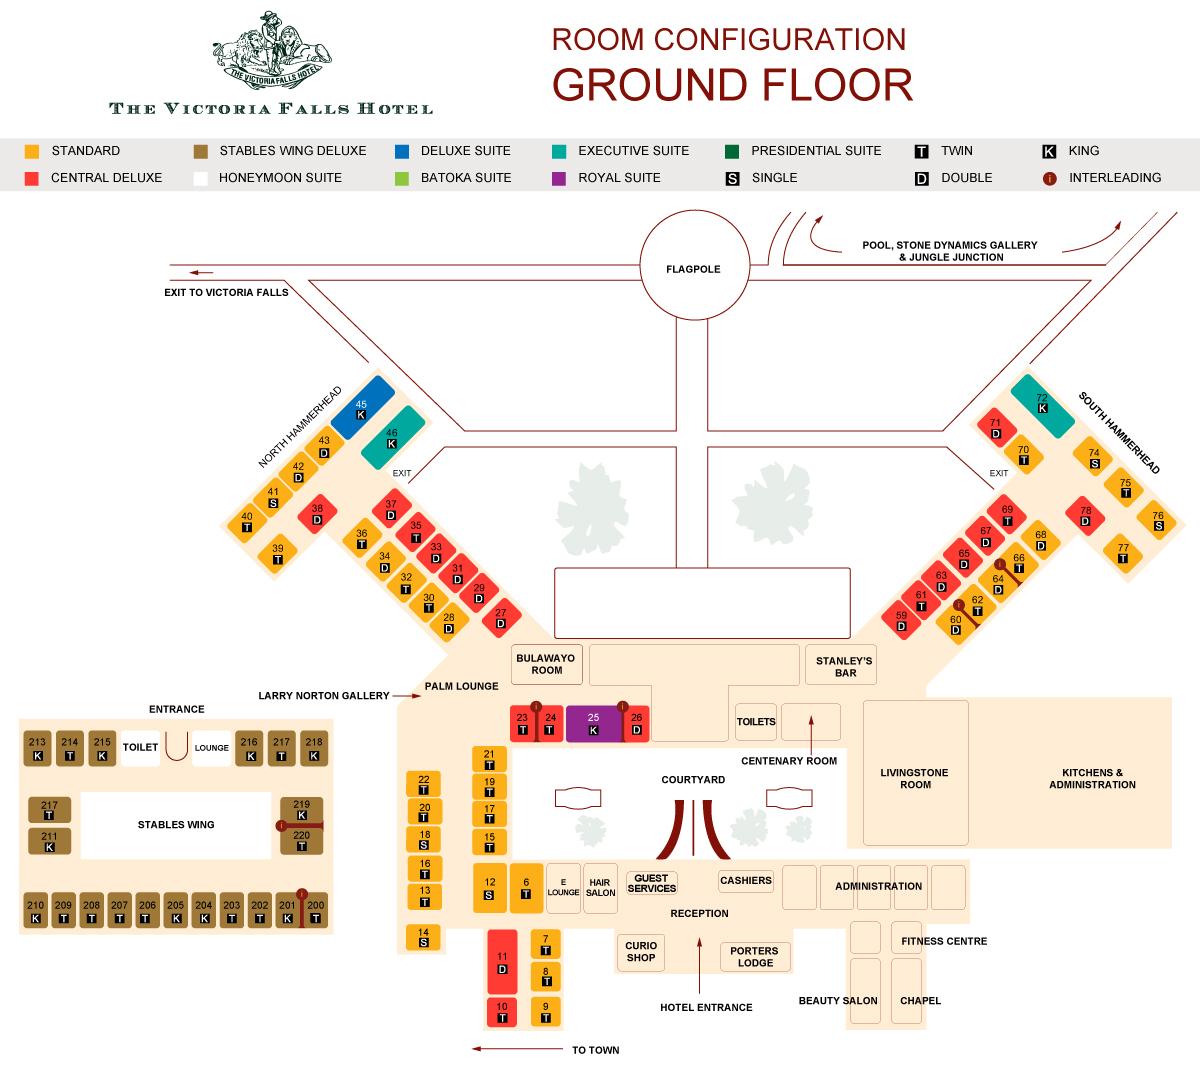 Ground floor layout Victoria Falls Hotel